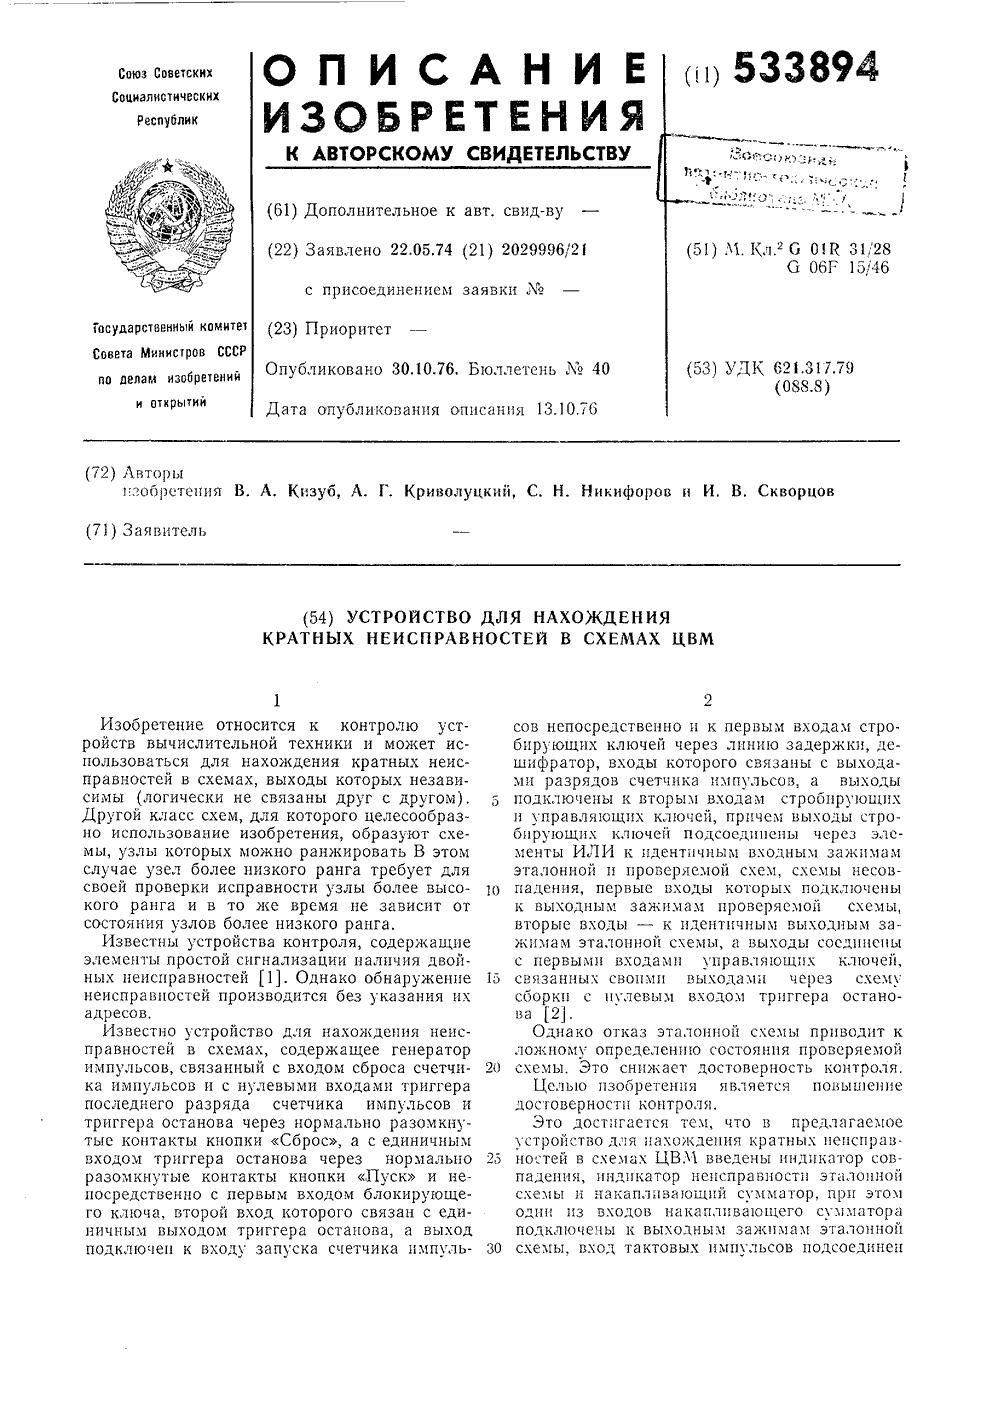 ц20-05 схема неисправности